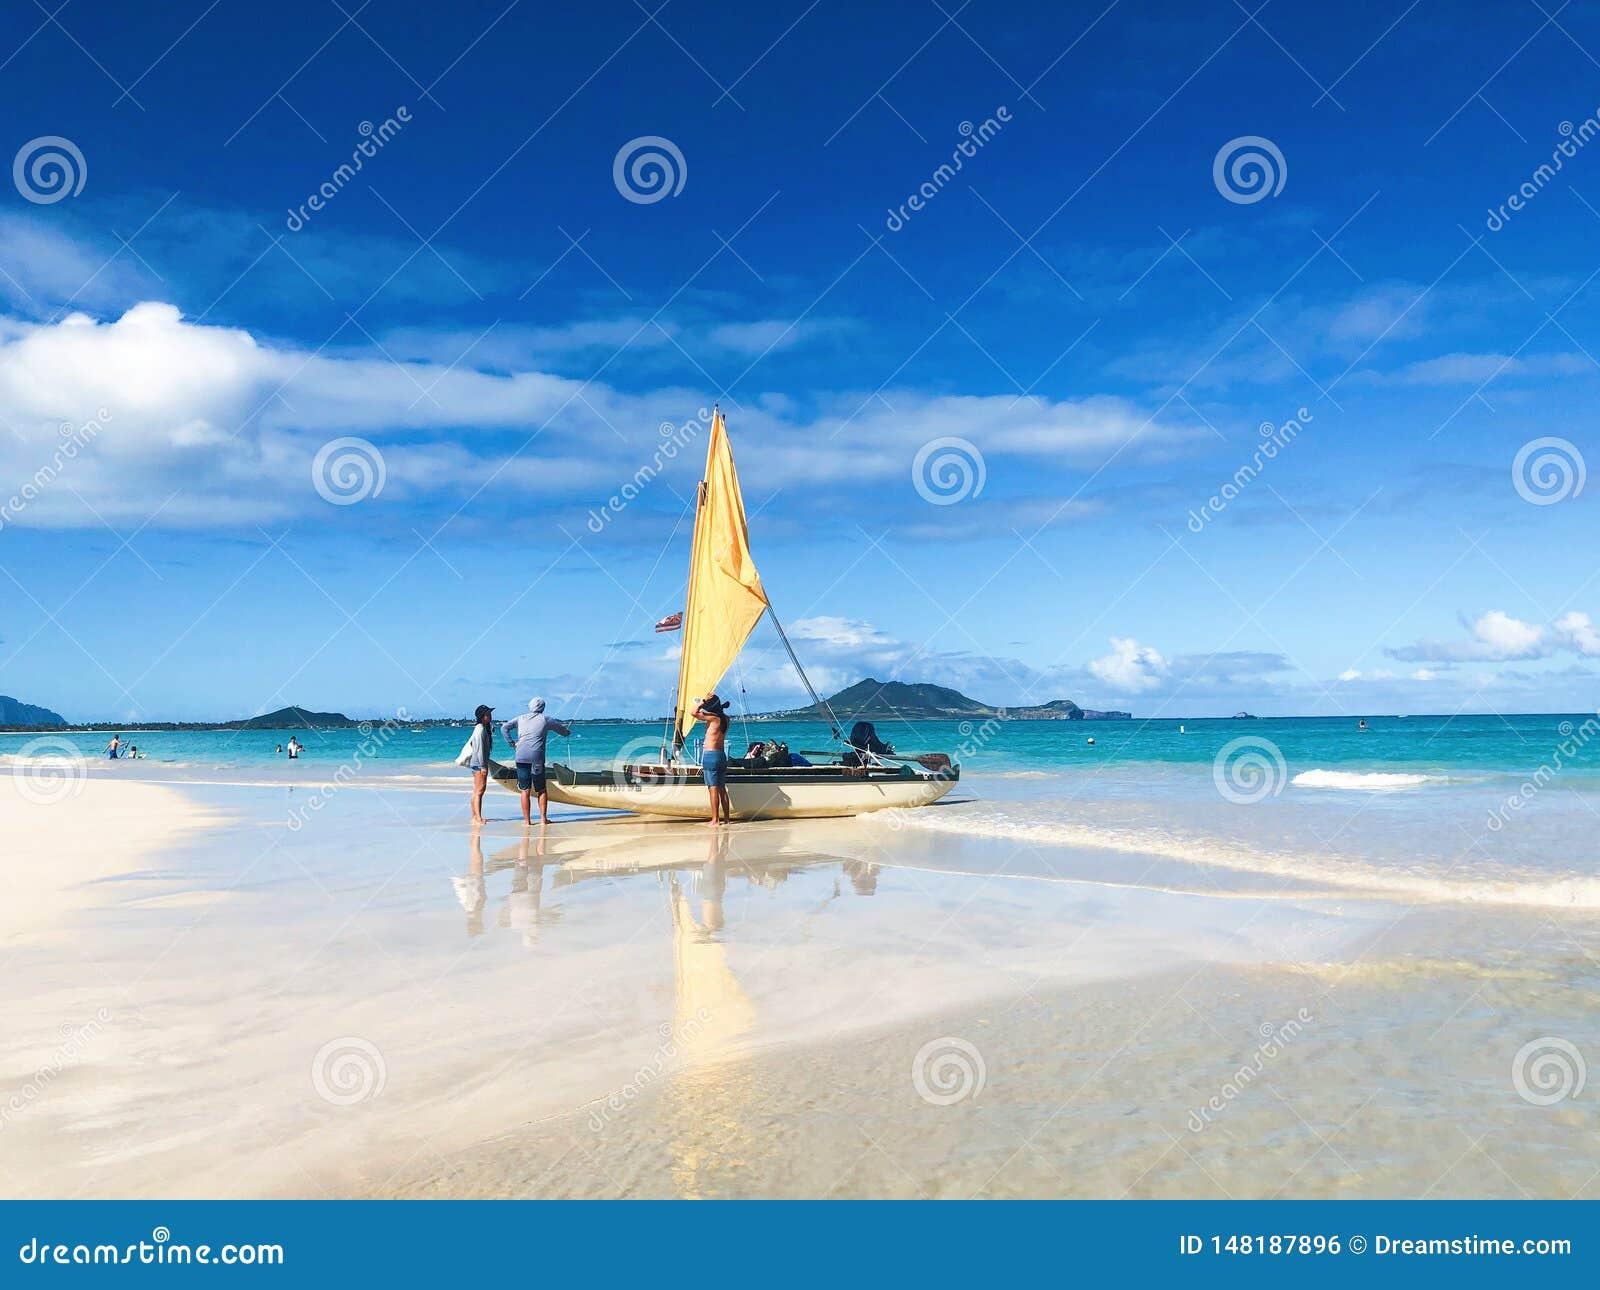 ¿Quiera ir a navegar en el océano?